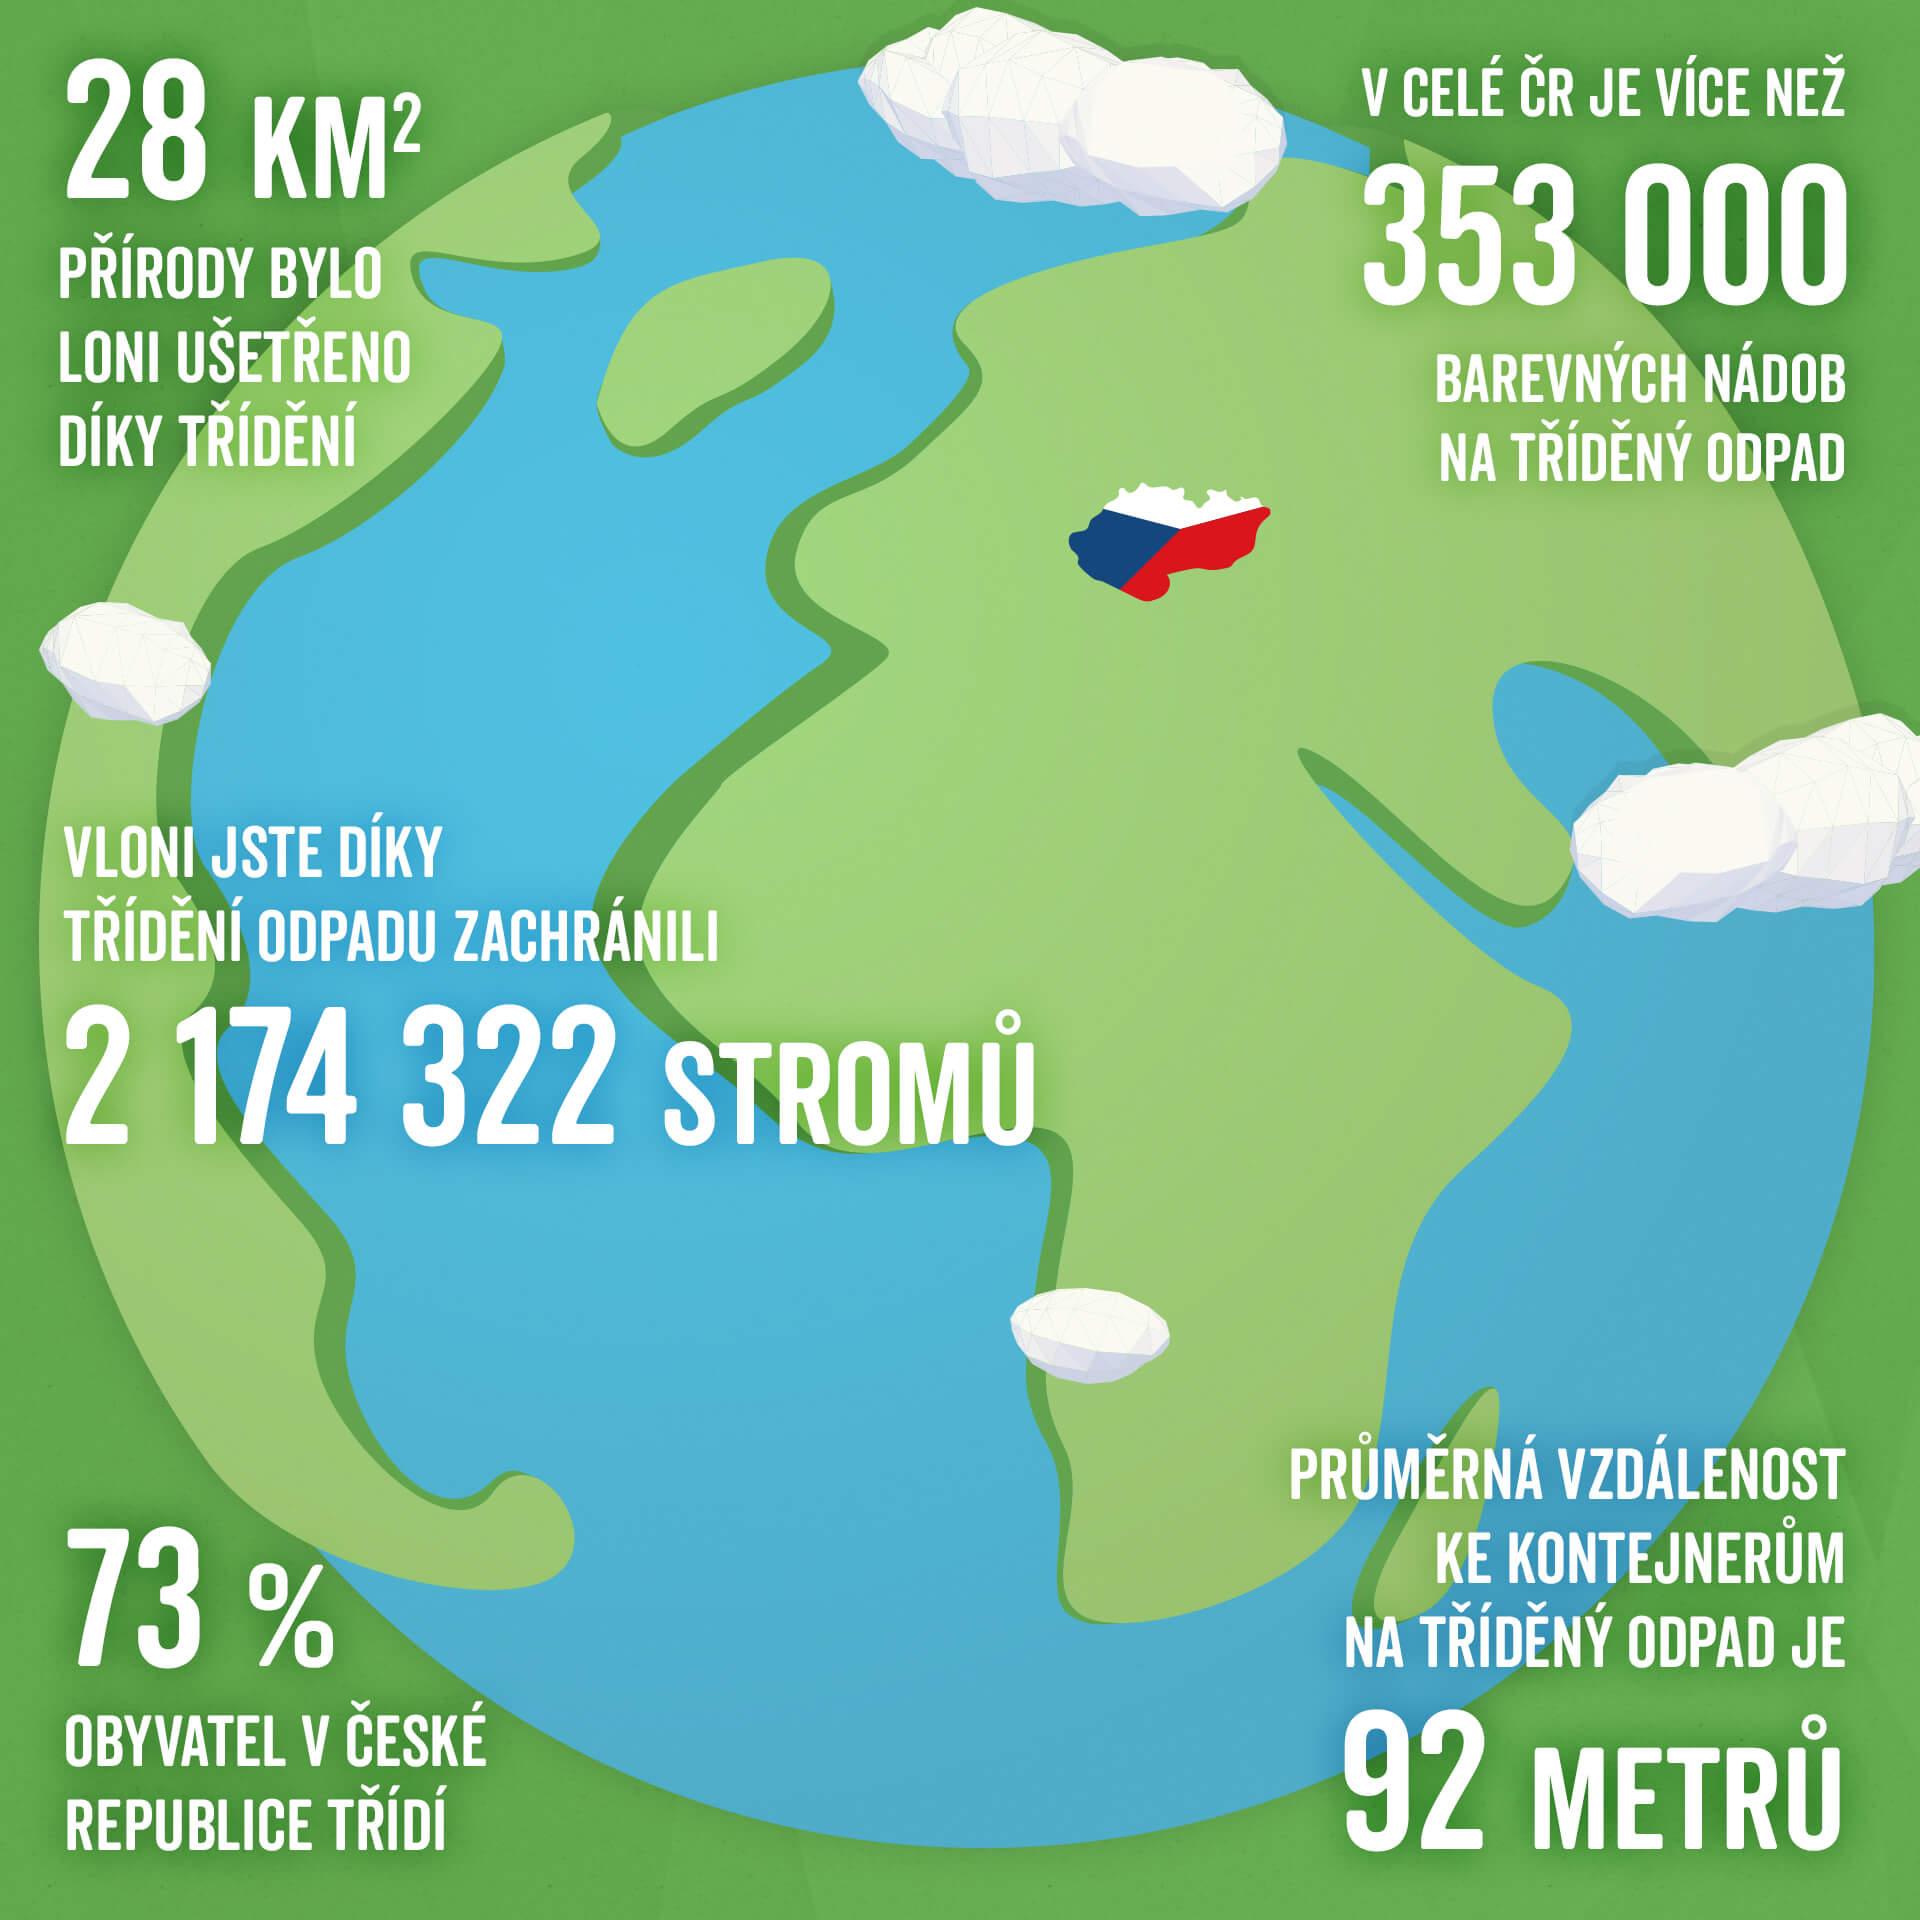 trideni_odpadu_svetovy_den_zivotni_prostredi_kontejnery